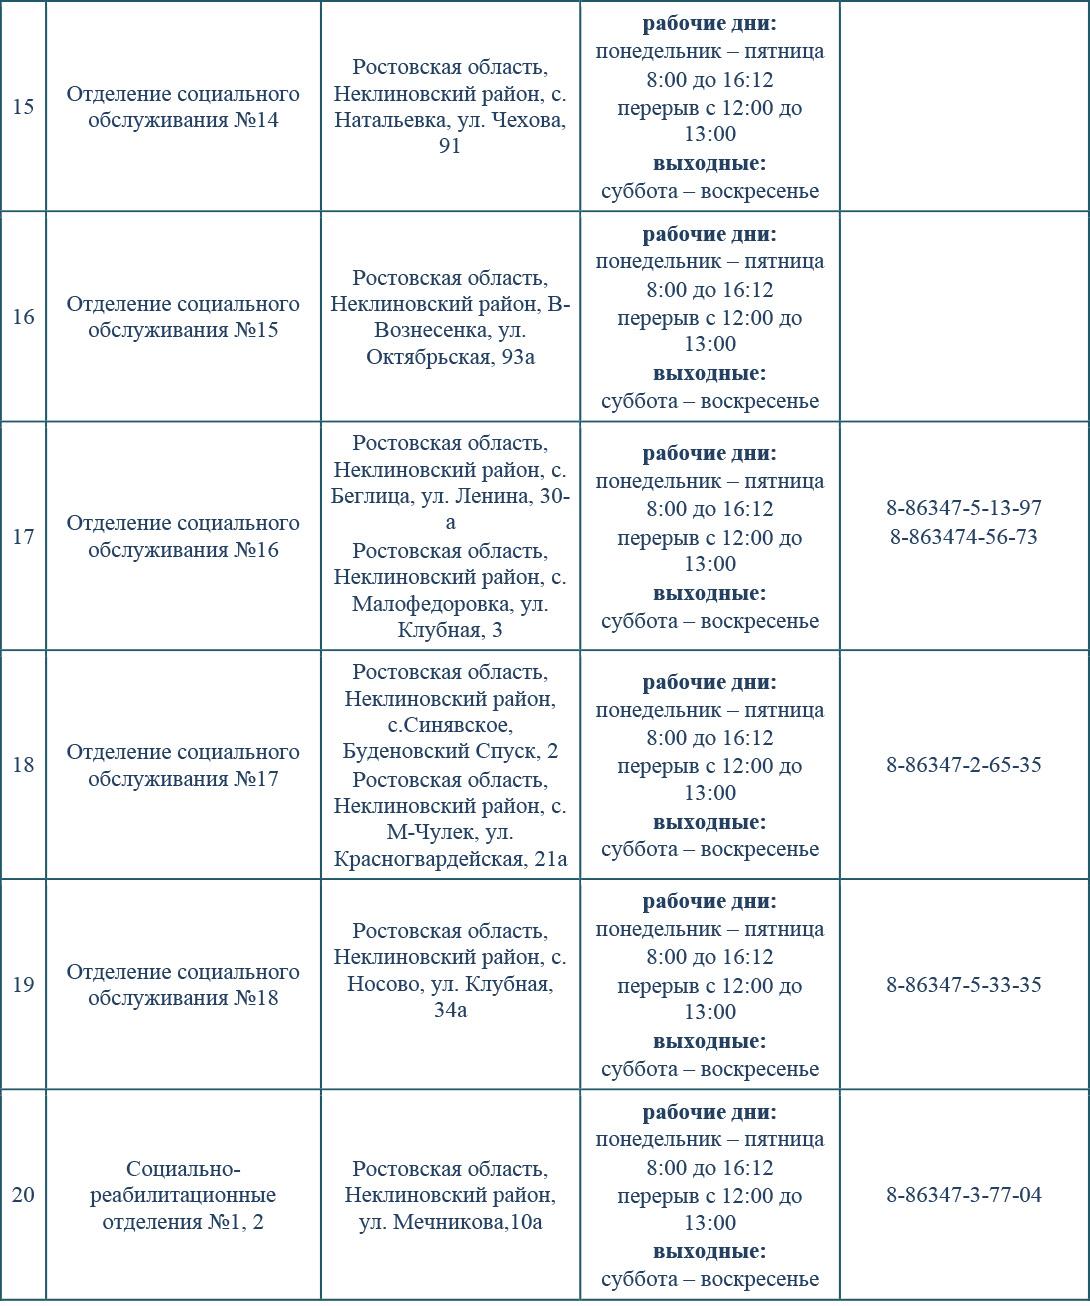 000003Informaciya-po-procedure-okazaniya-municipalnyh-uslug-csonekl-3